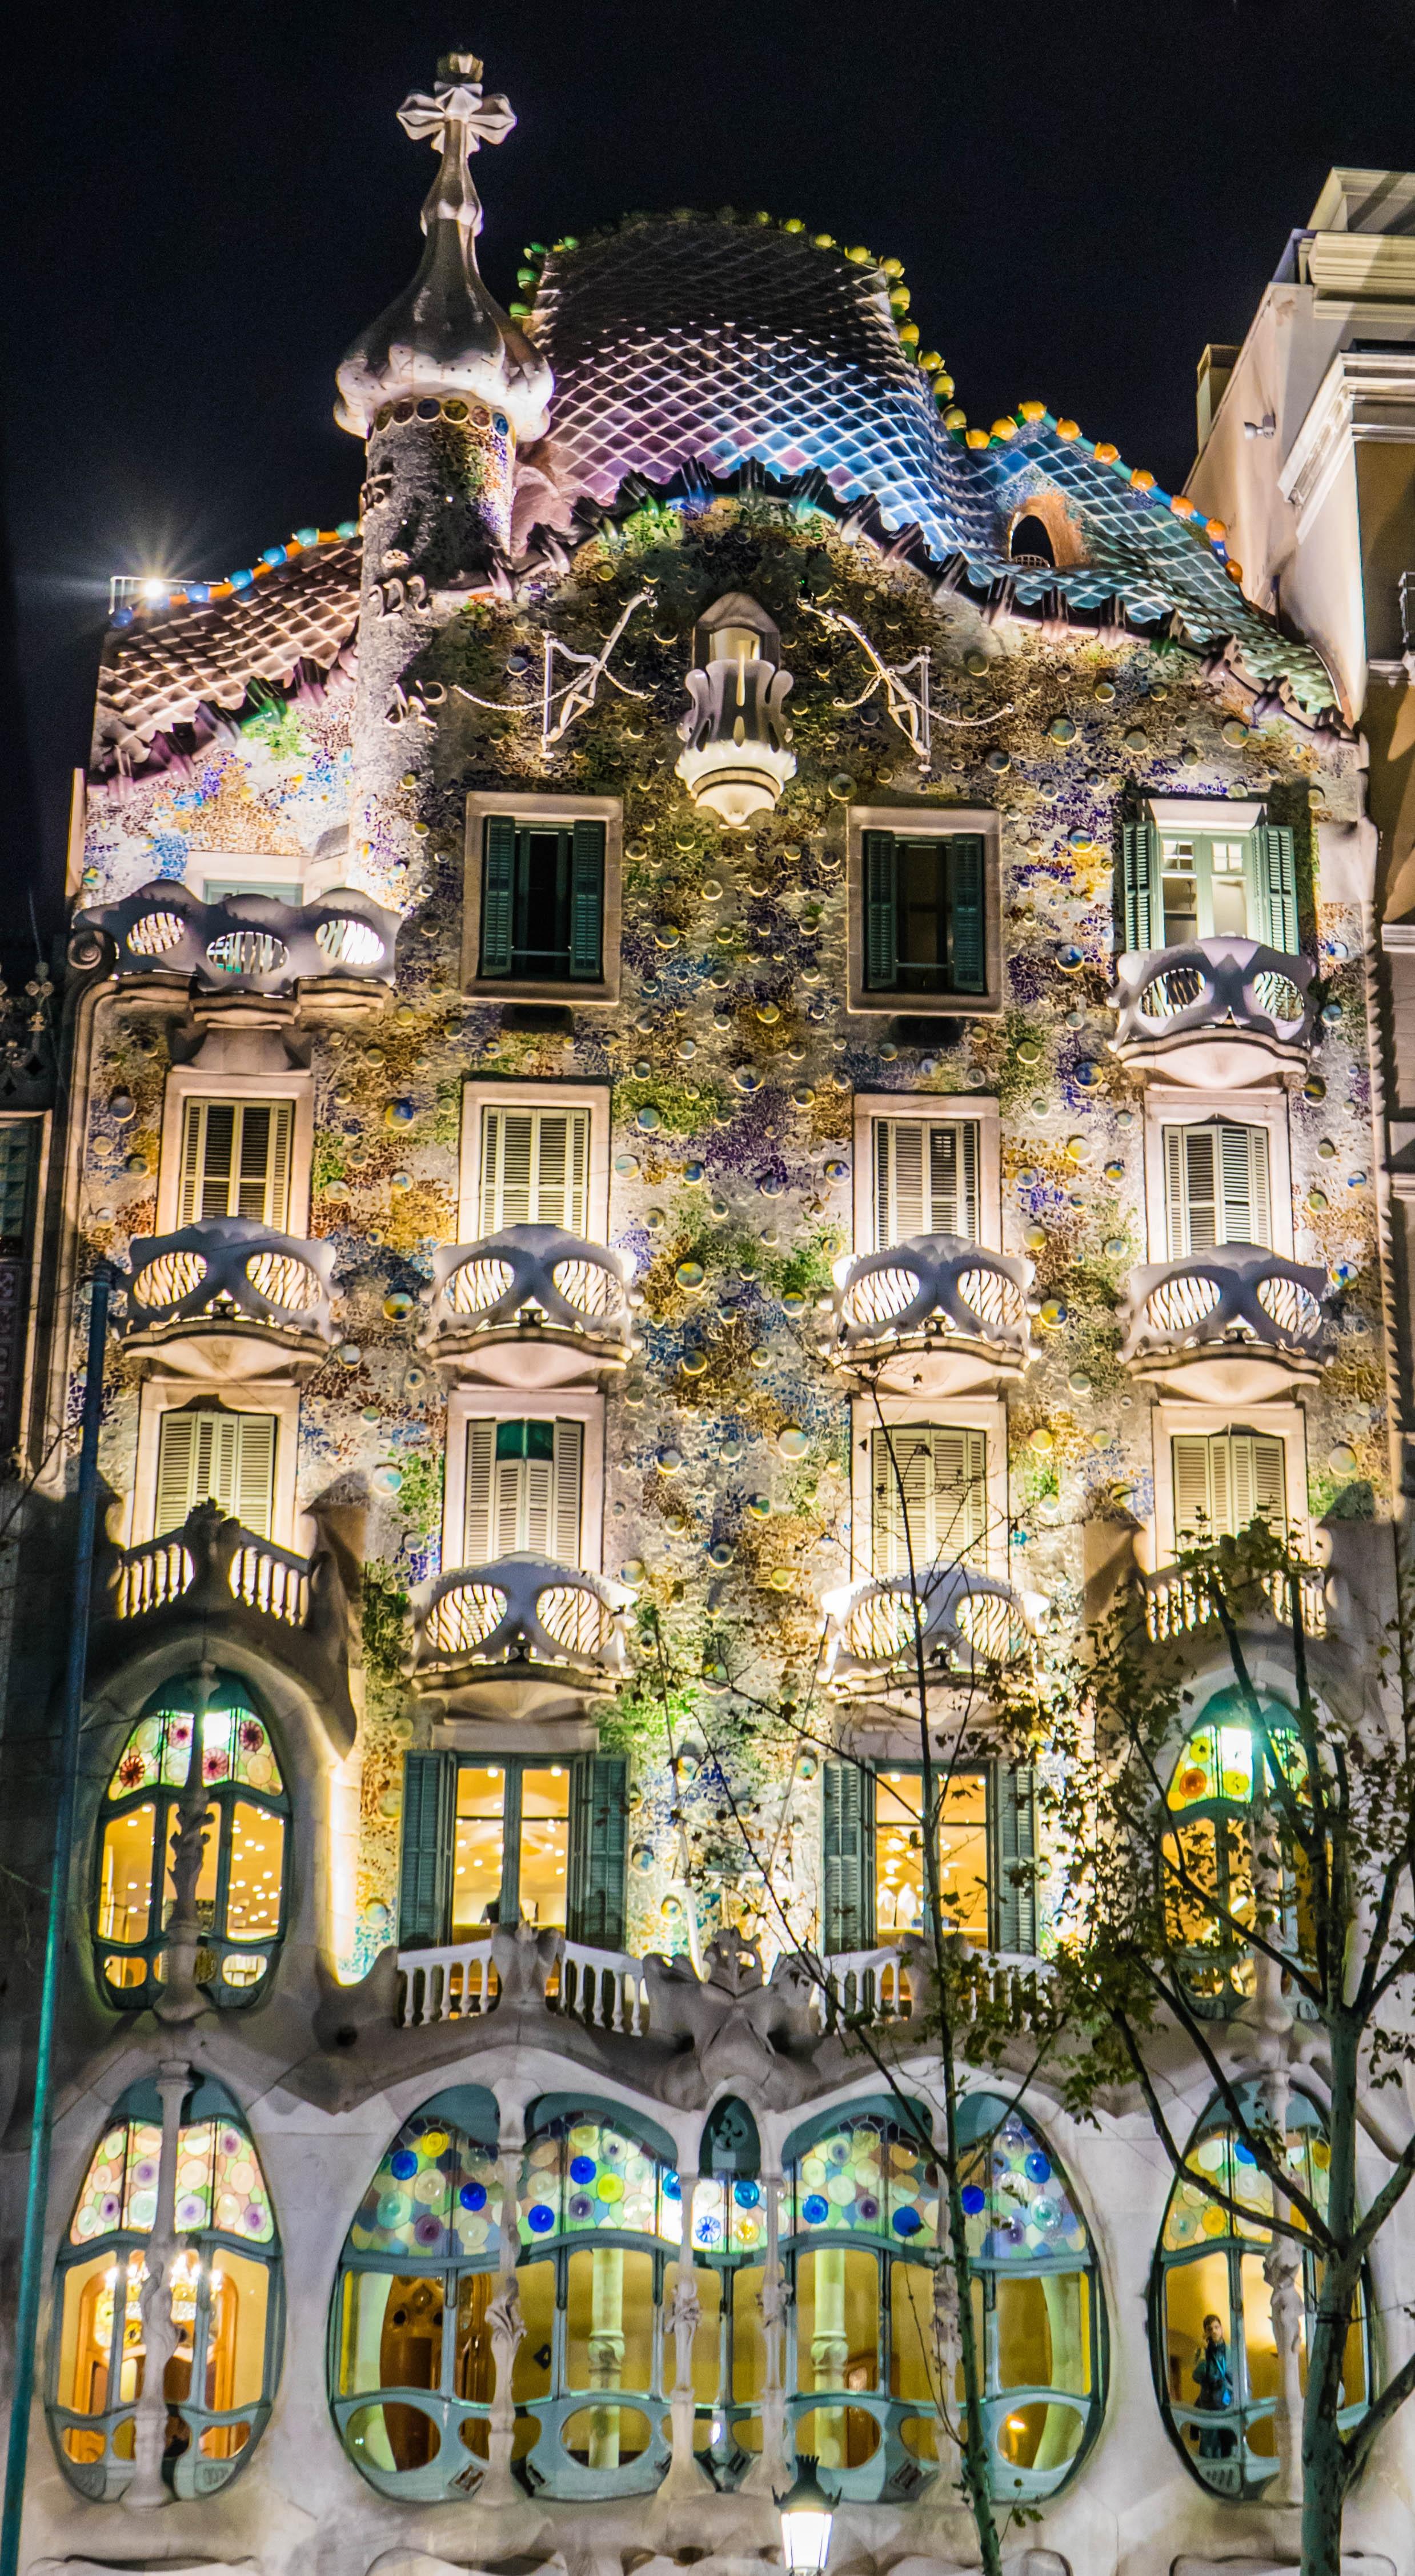 Fotos gratis arquitectura calle noche casa ventana - Casas gratis en pueblos de espana ...